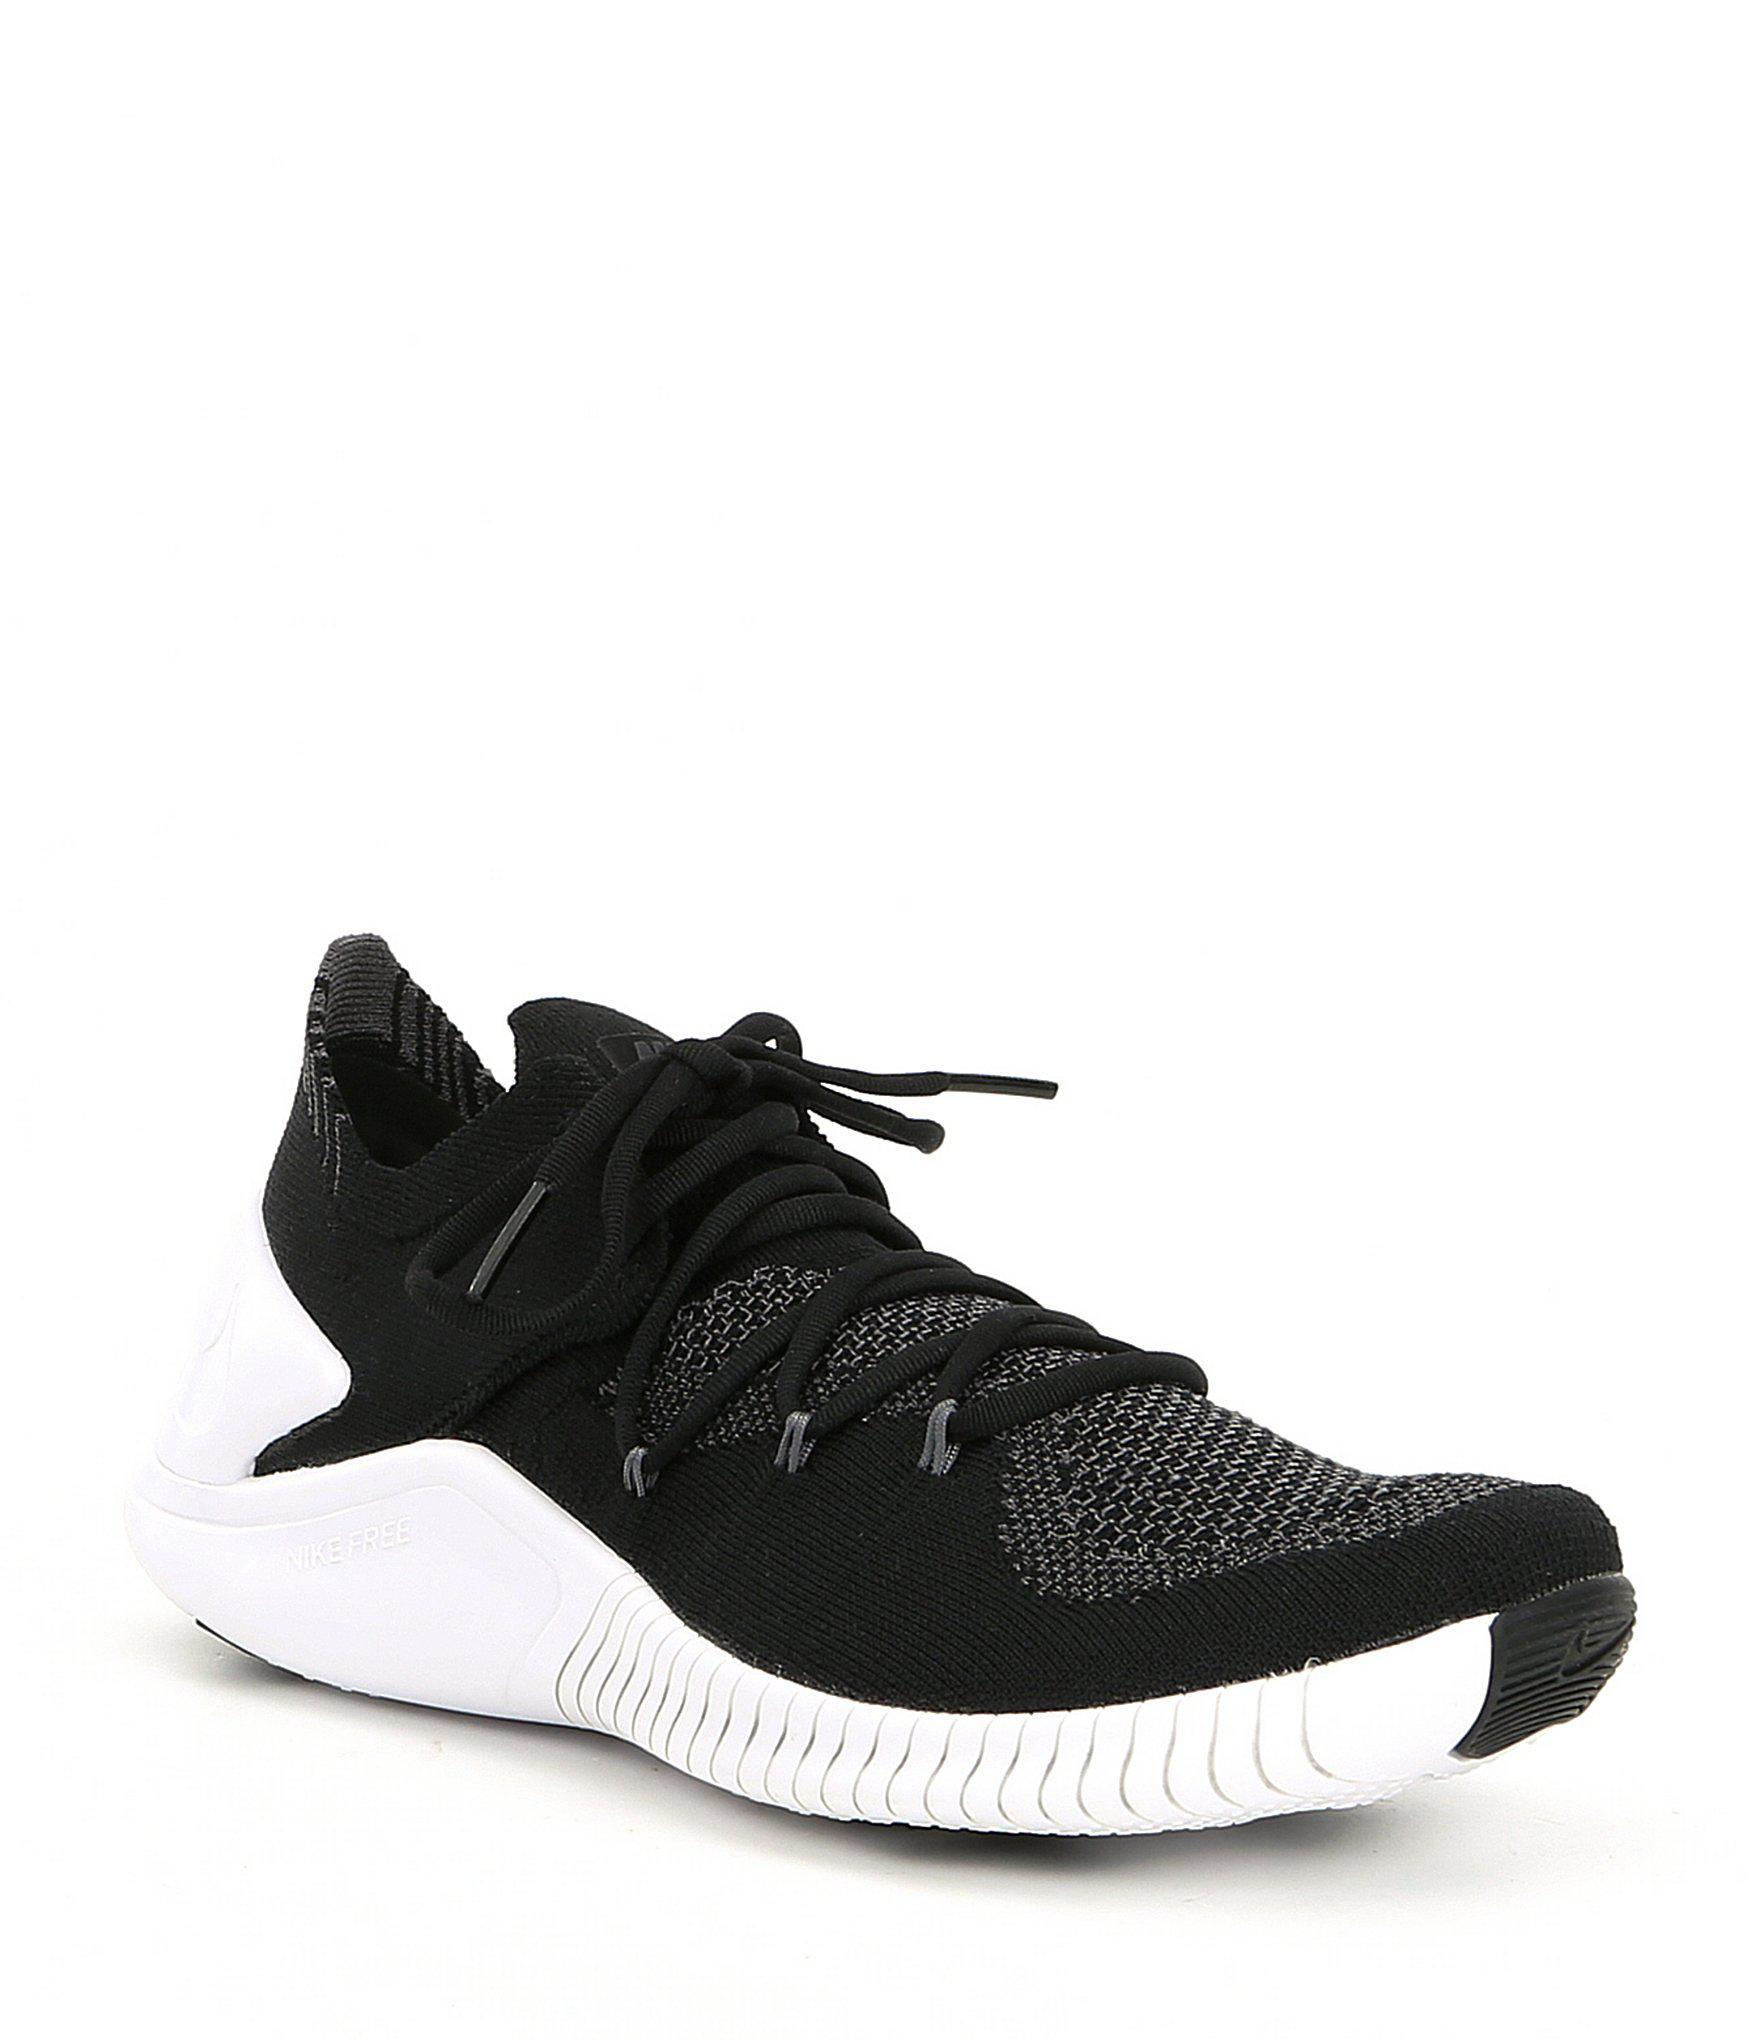 666da8f00ec25 Lyst - Nike Women s Free Tr Flyknit 3 Training Shoes in Black